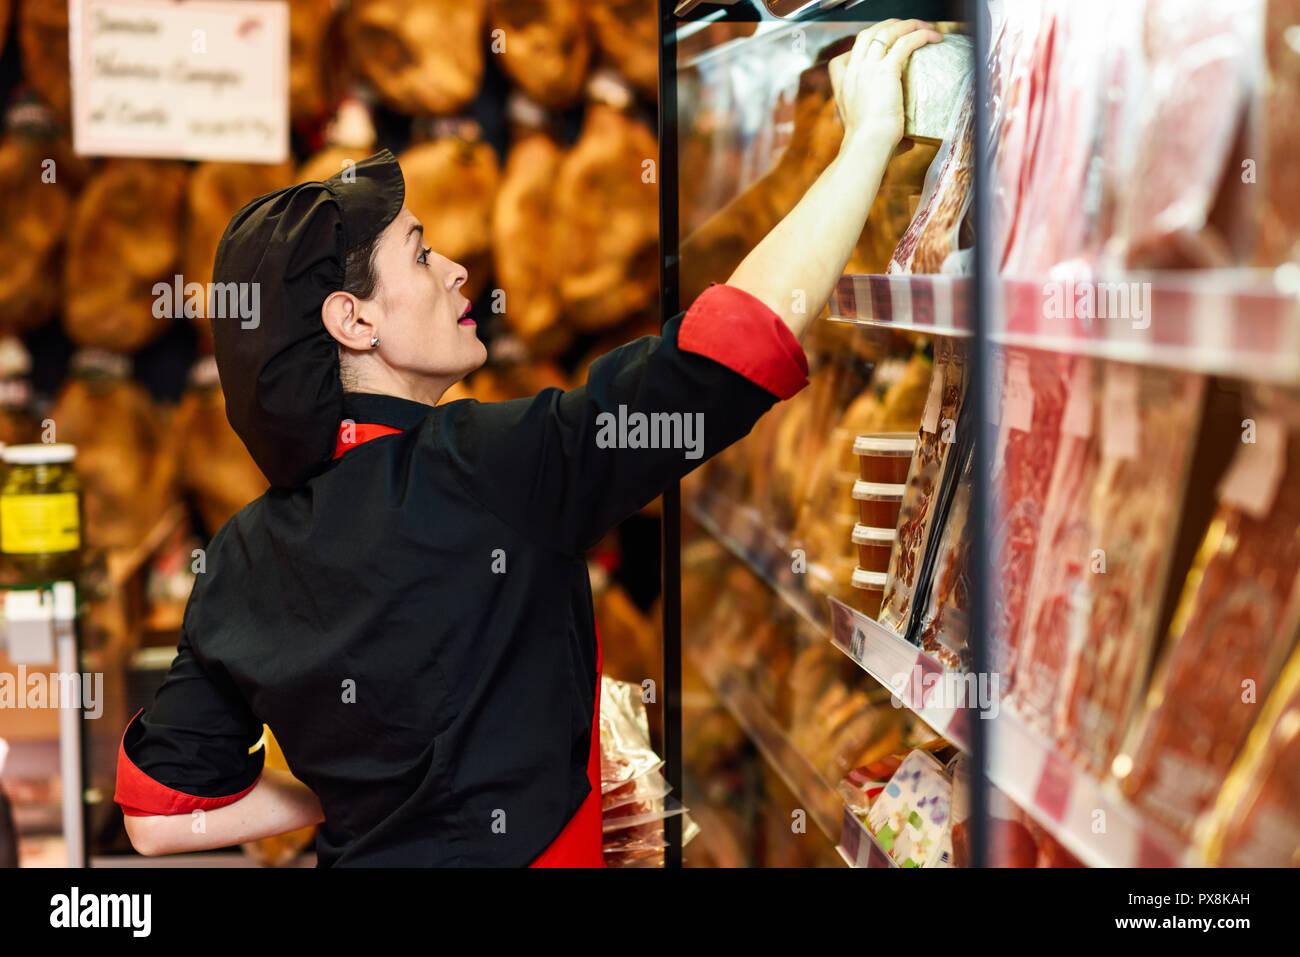 Retrato de trabajadora tomando productos de carnicería. Vitrina refrigerada para paquetes de salchichas, jamón y queso Imagen De Stock